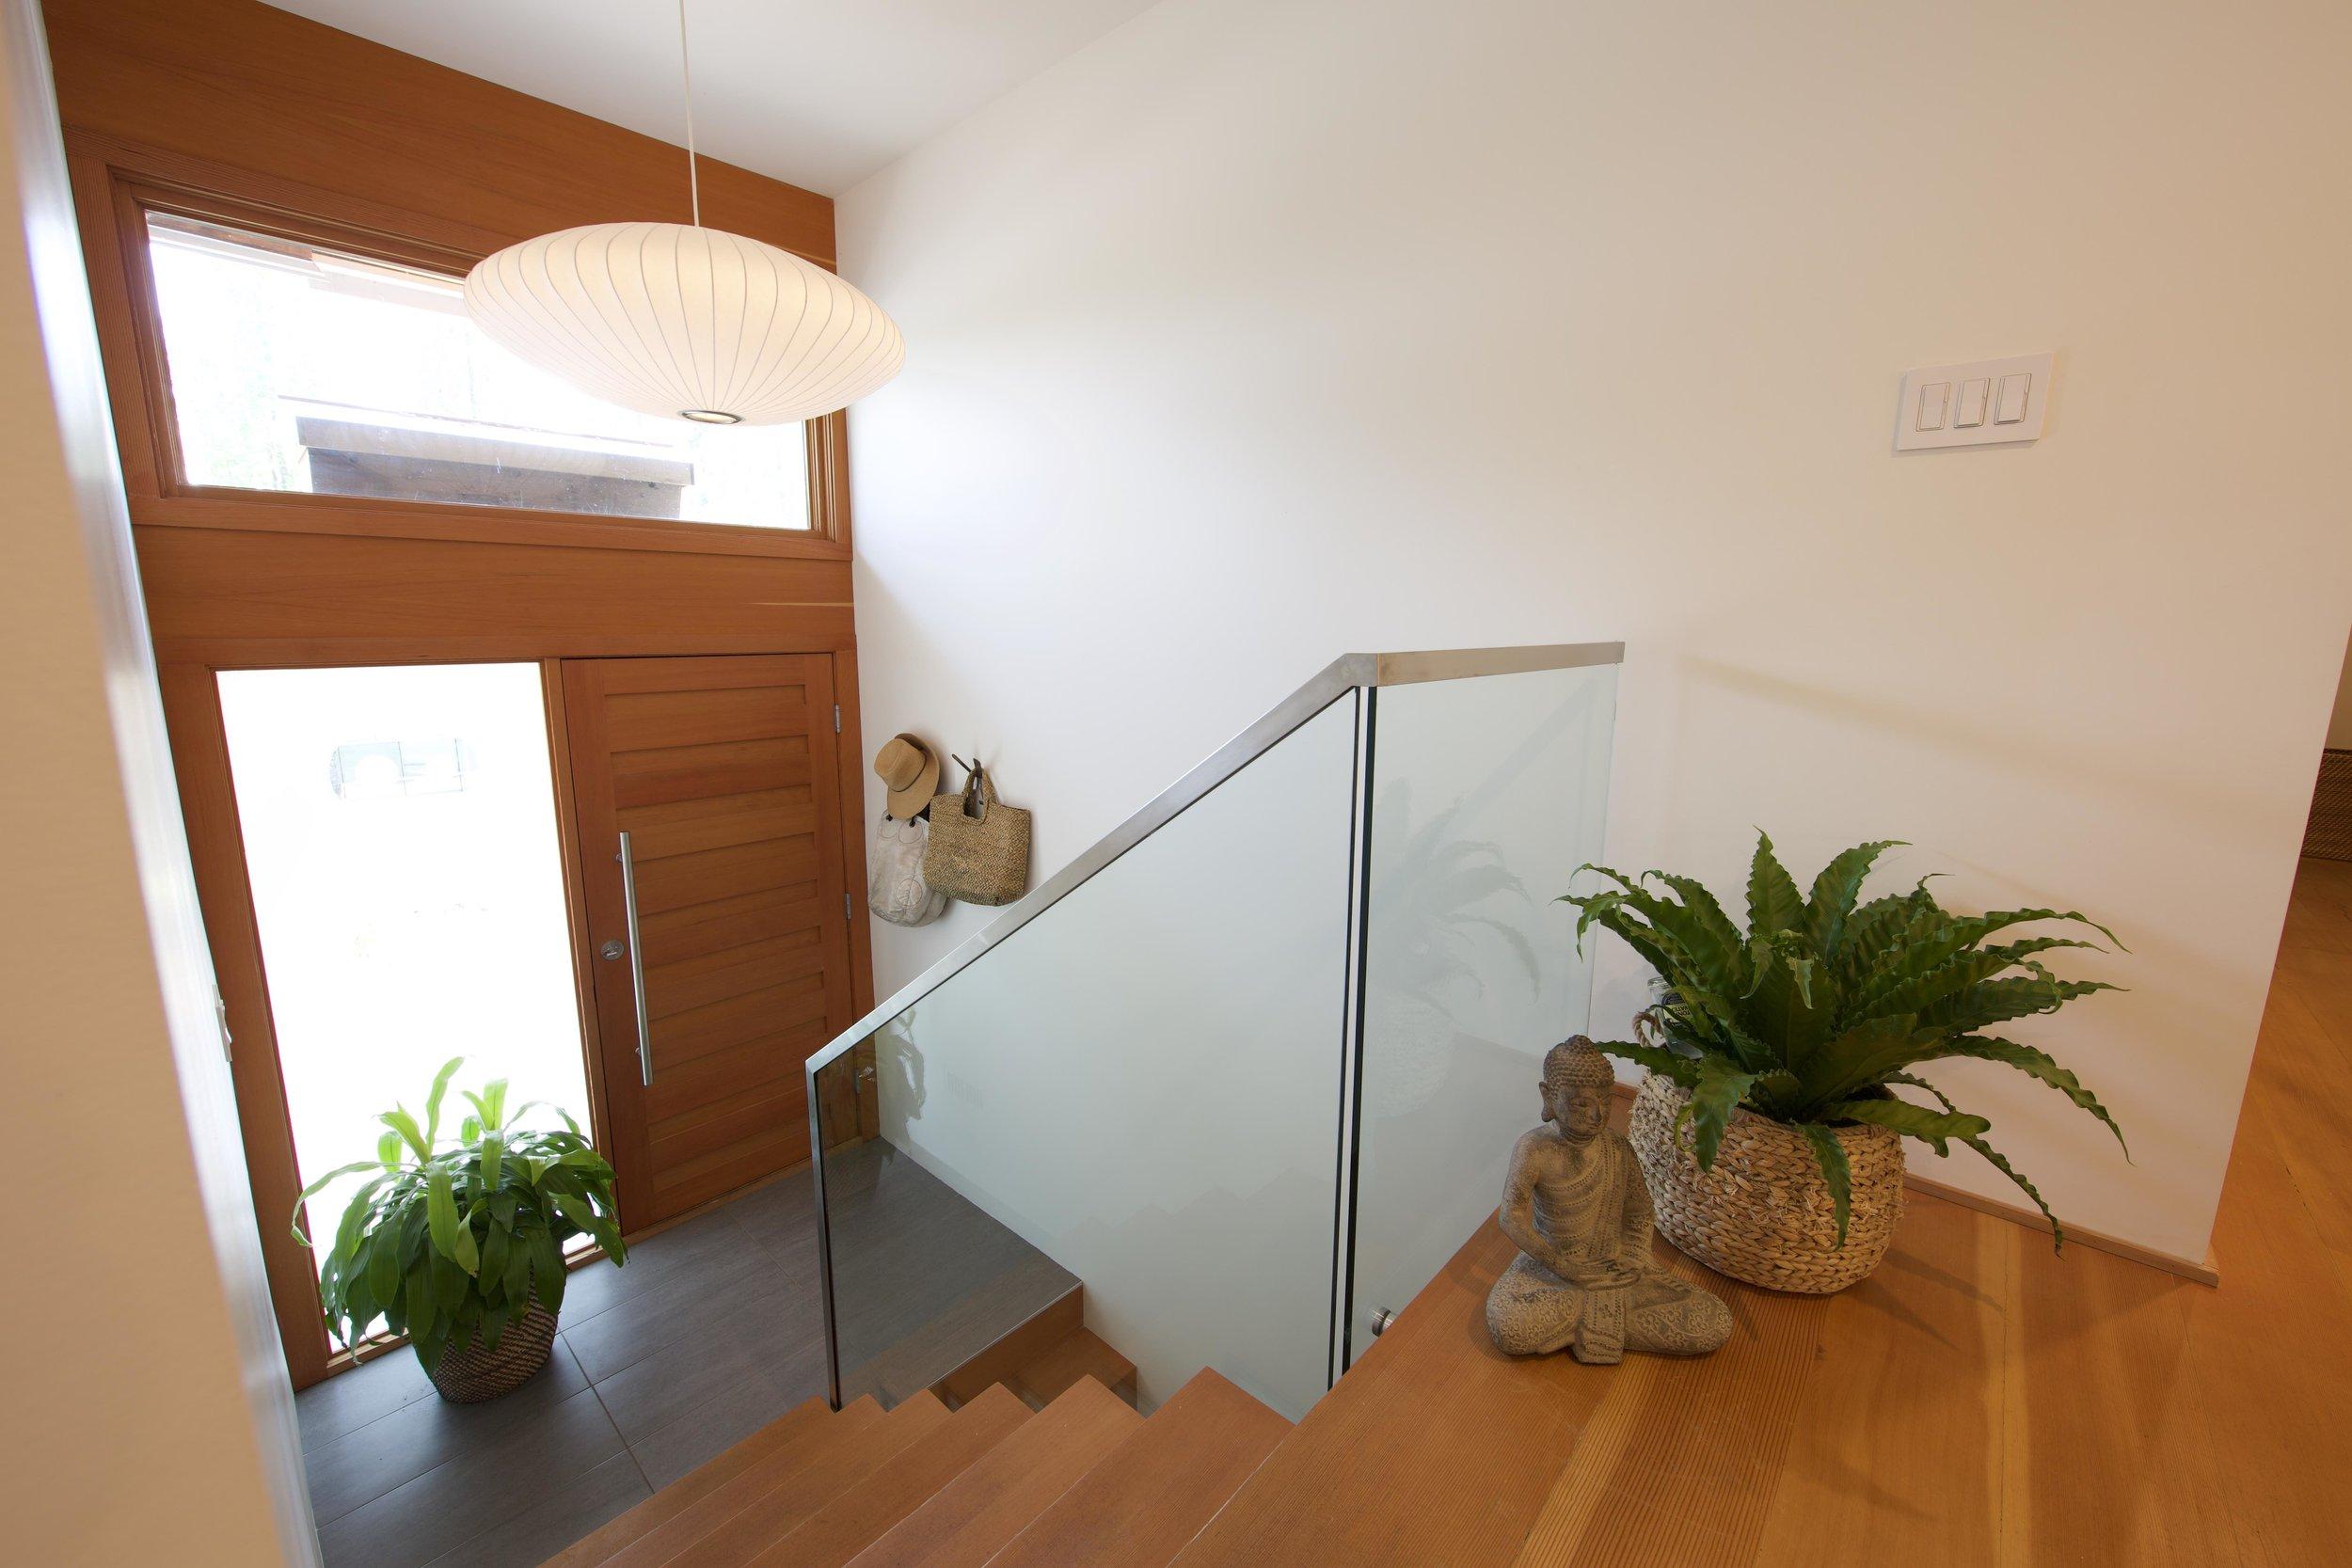 mindful home entrance.jpg